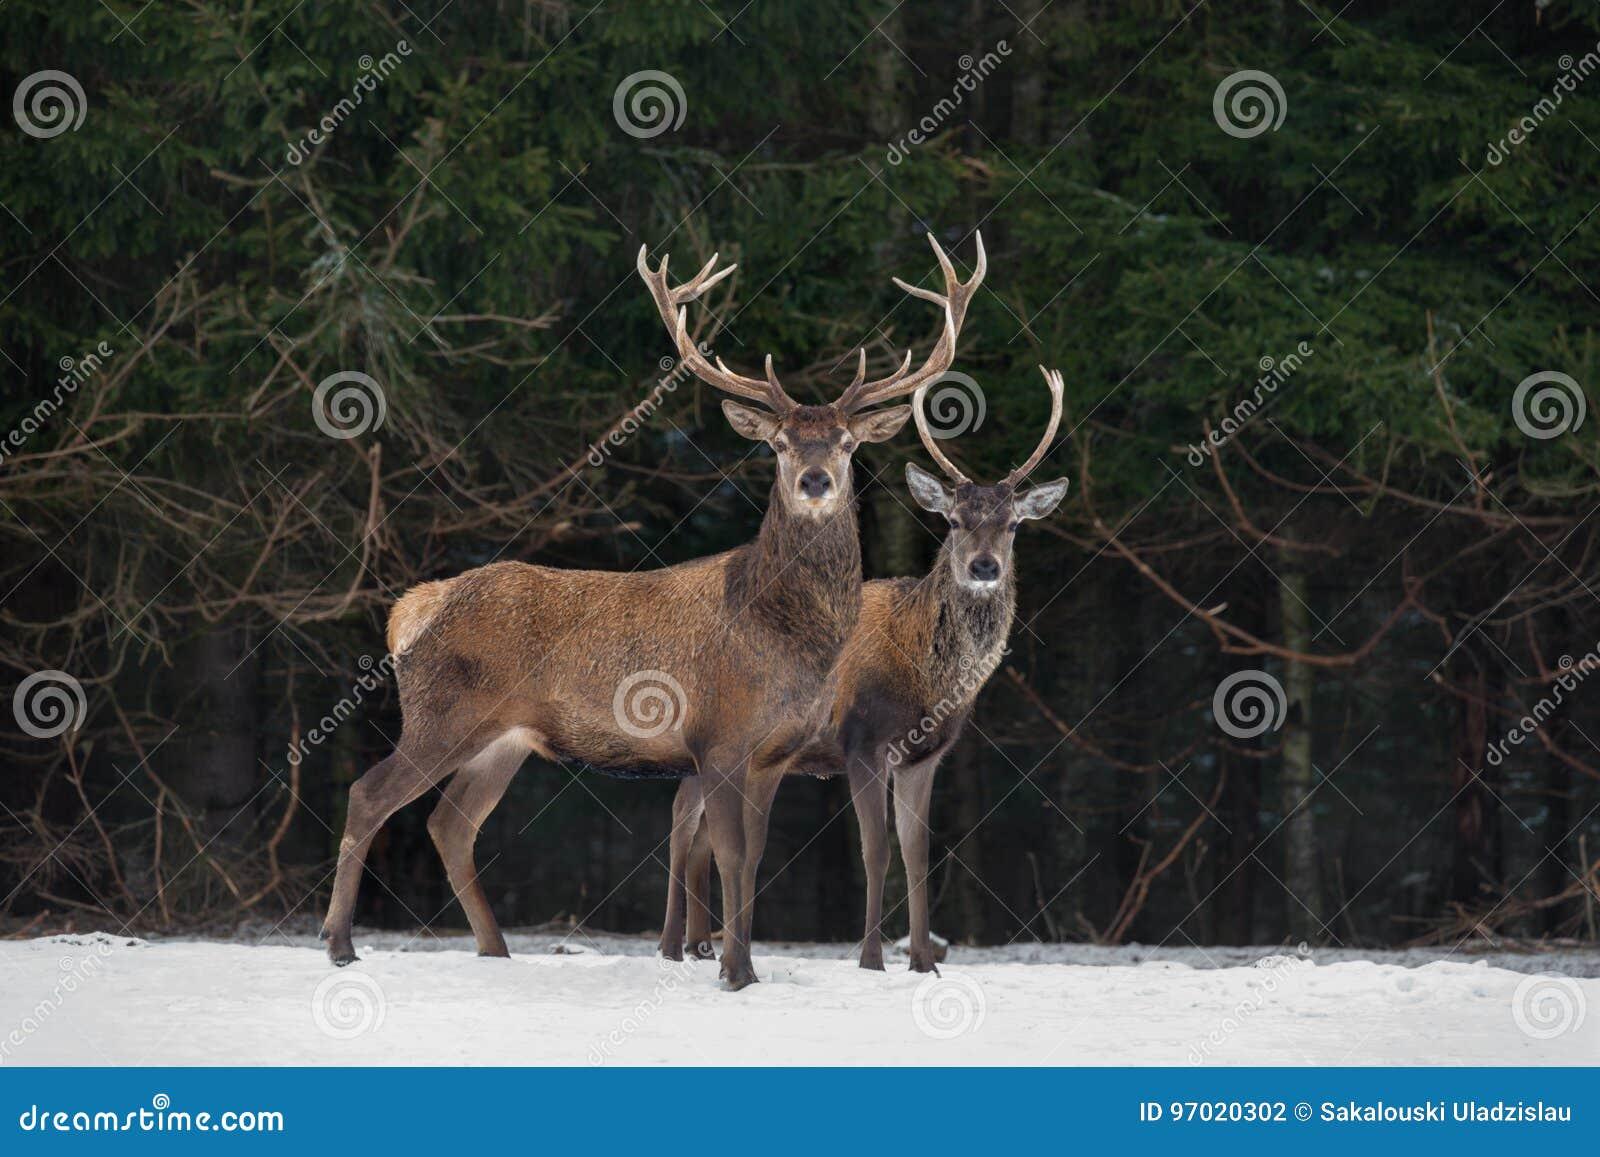 Ojciec I syn: Dwa pokolenia Szlachetny Jeleni jeleń Dwa Czerwonego rogacza Cervus Elaphus Statywowego Następny zimy zimy przyrody